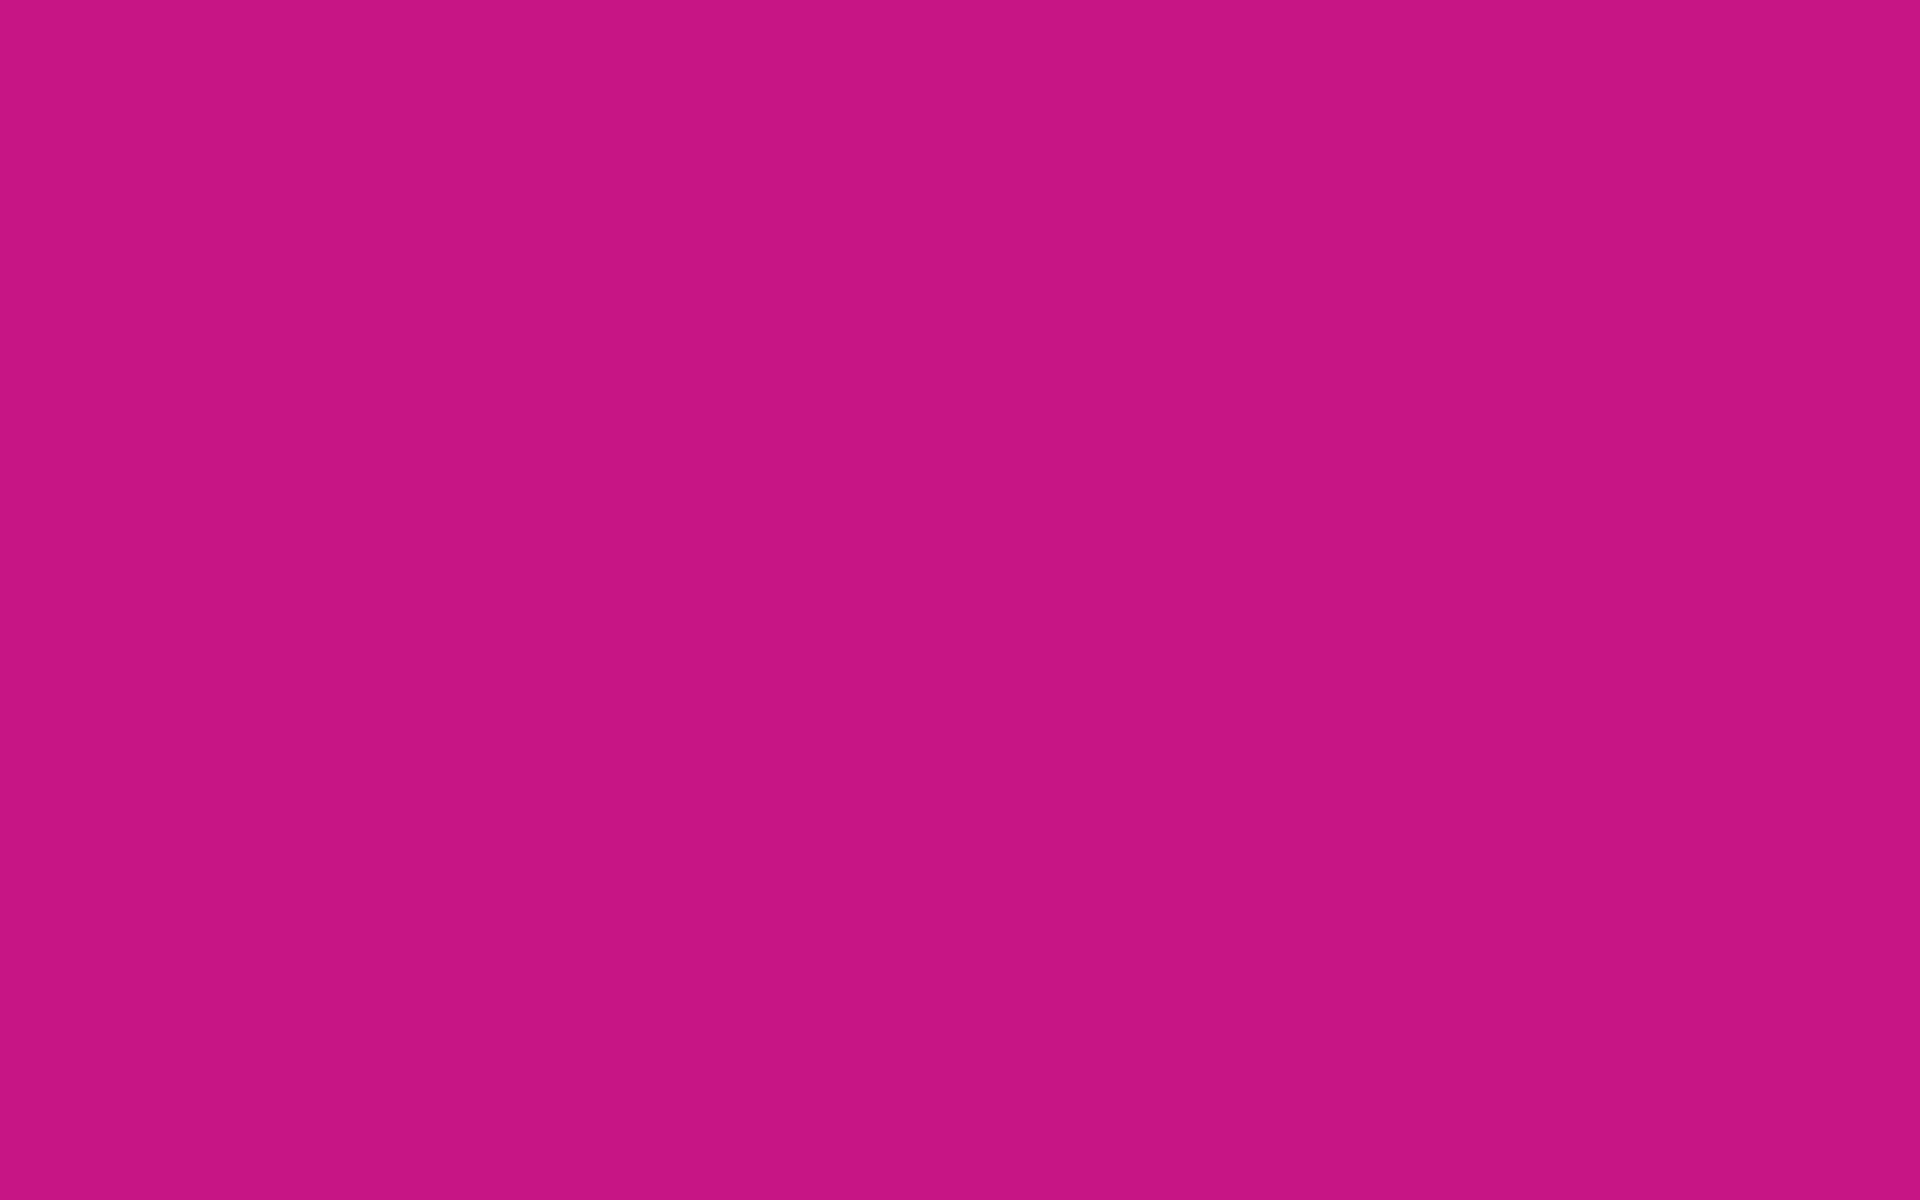 1920x1200 Red-violet Solid Color Background